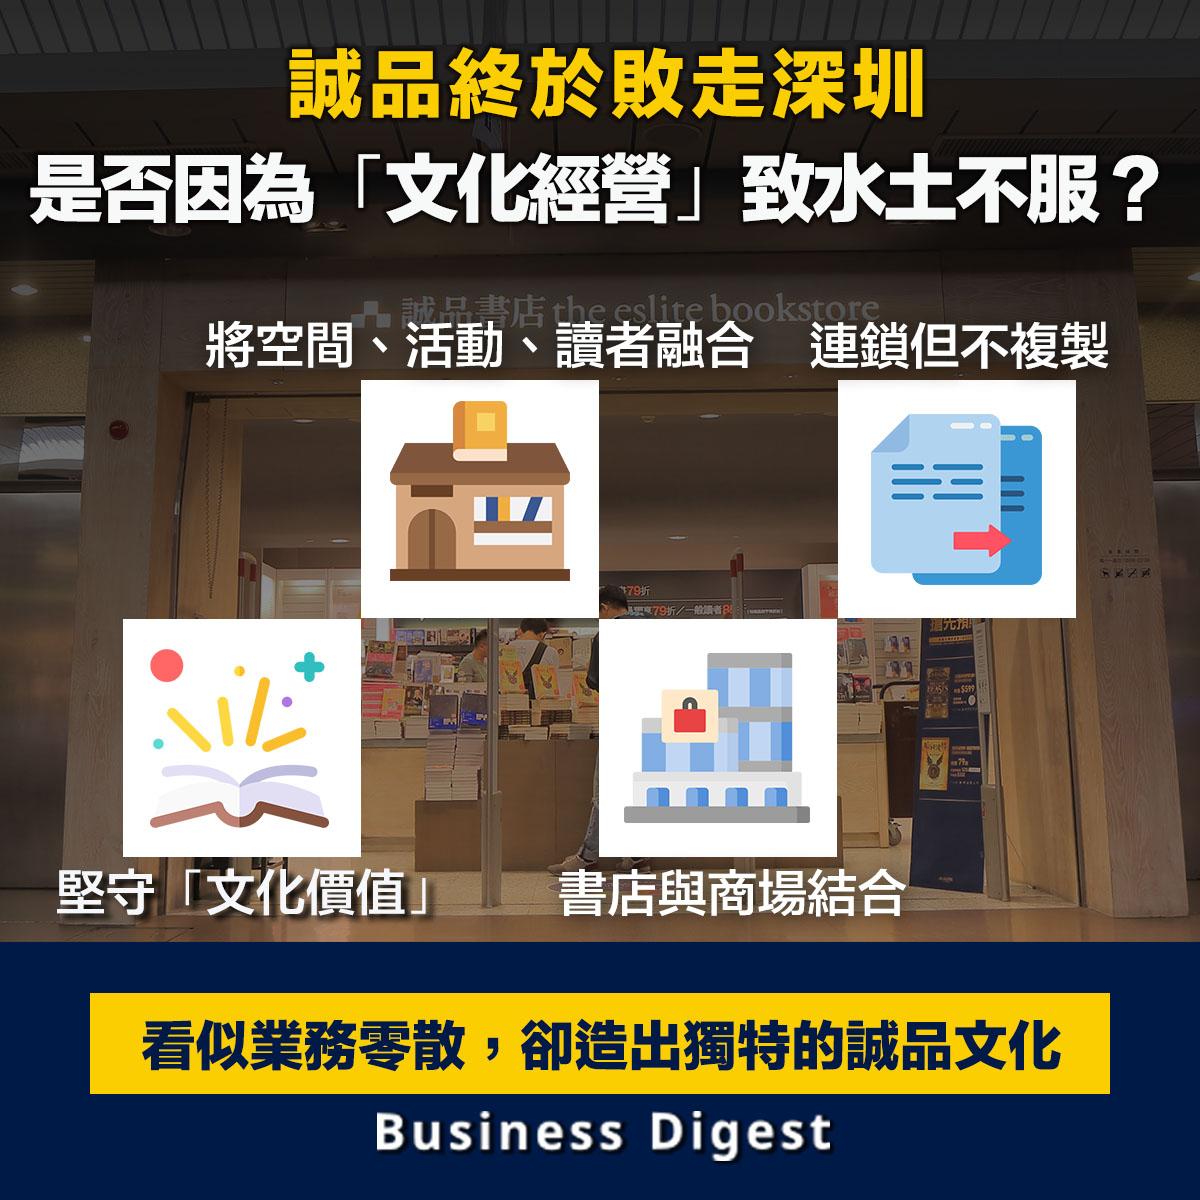 從誠品的「不合理」商業模式出發,看這家台灣書店如何發展為「亞洲最佳書店」